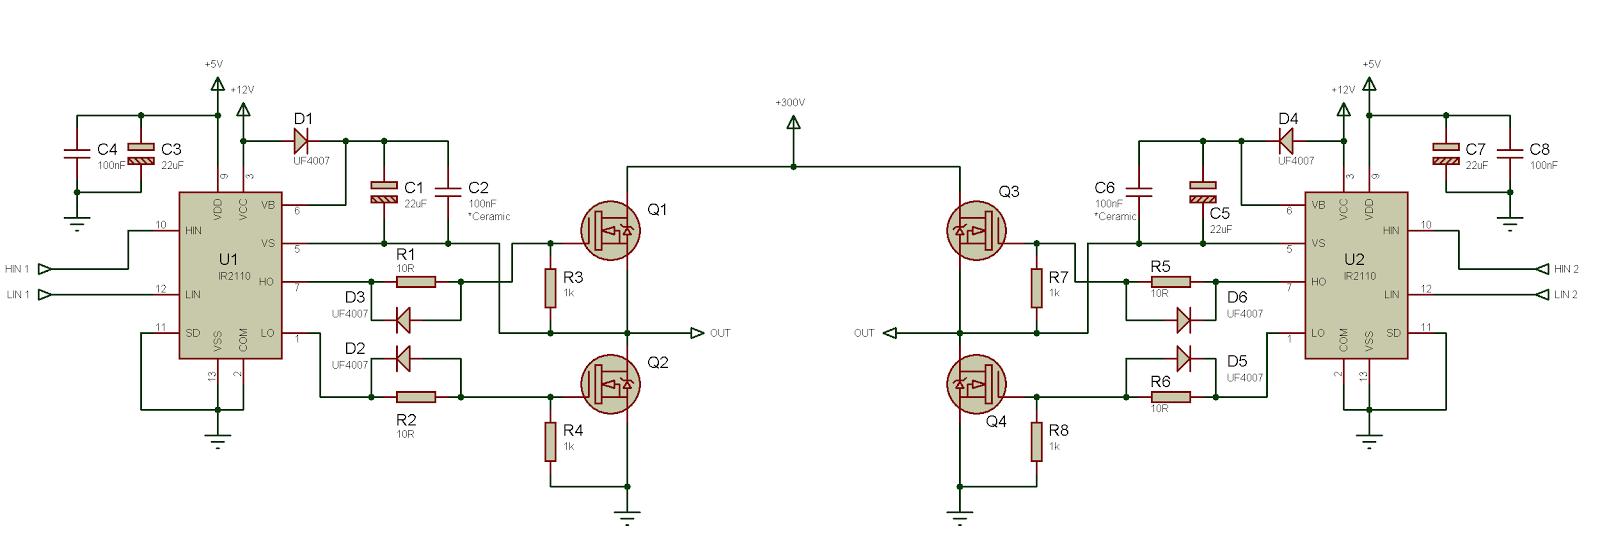 Использование драйвера ключей нижнего и верхнего уровней IR2110 — объяснение и примеры схем - 8